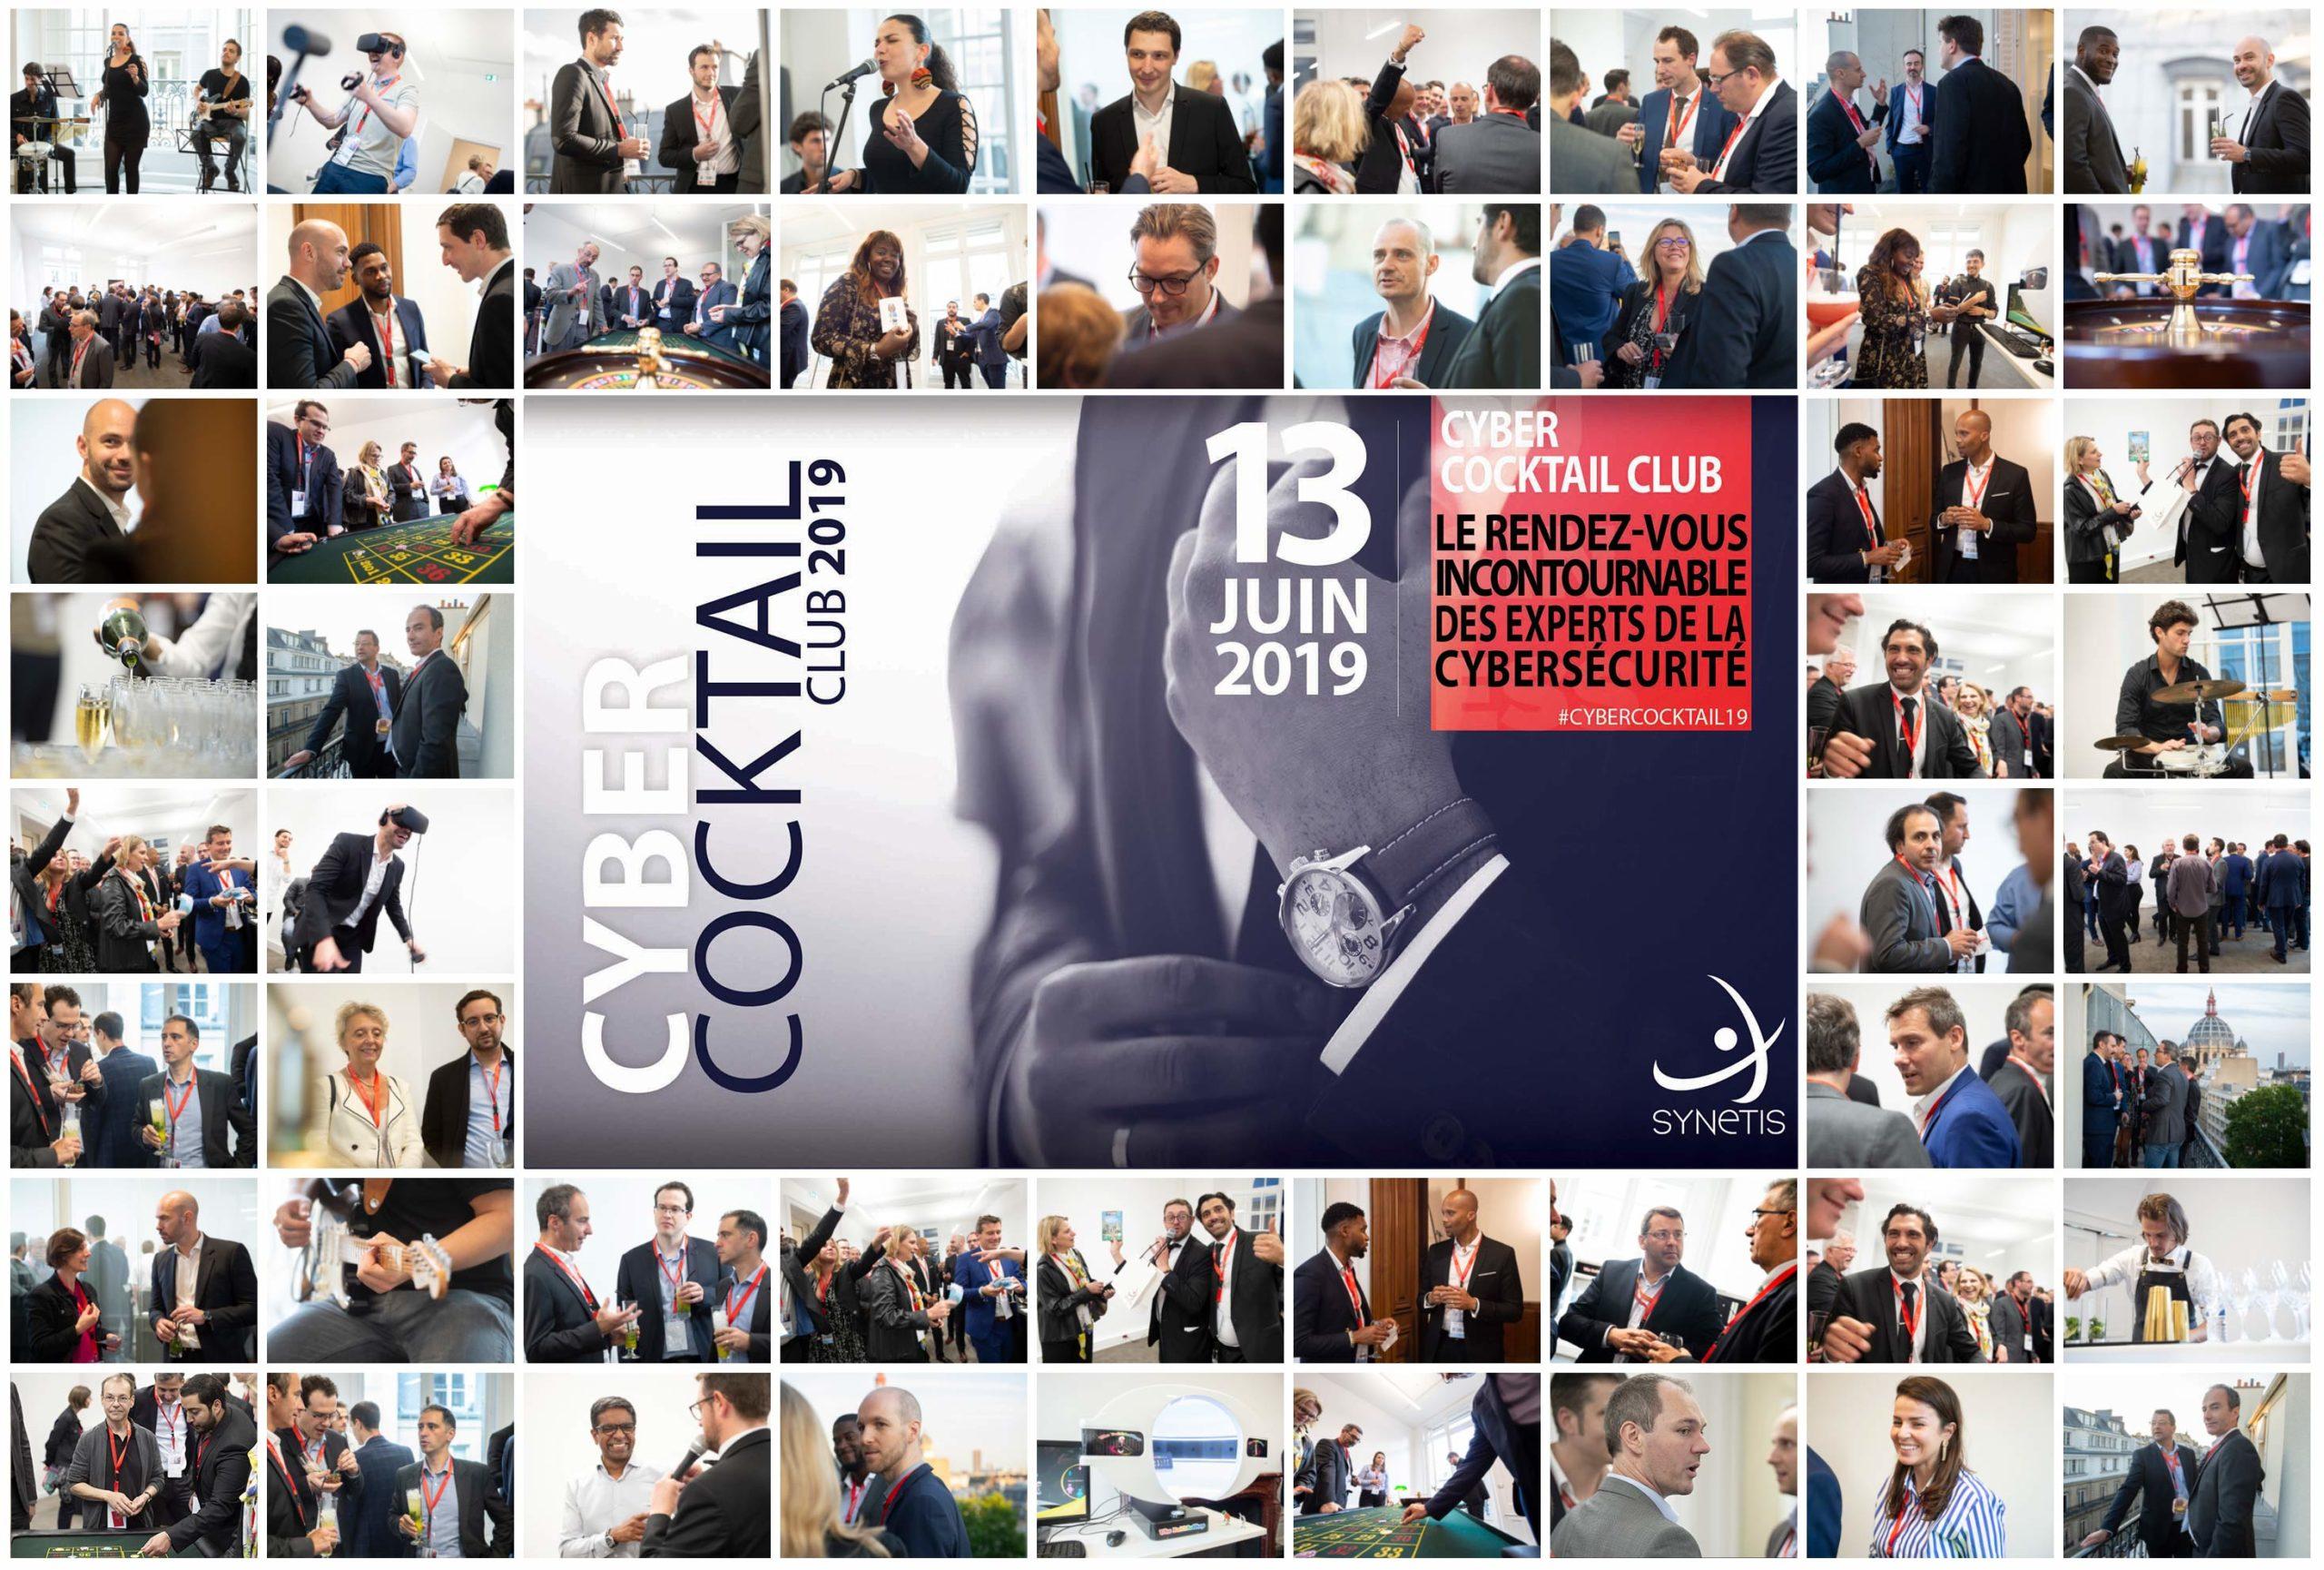 Cyber Cocktail Club 2019 : Un événement sous le signe du partage et de la convivialité.